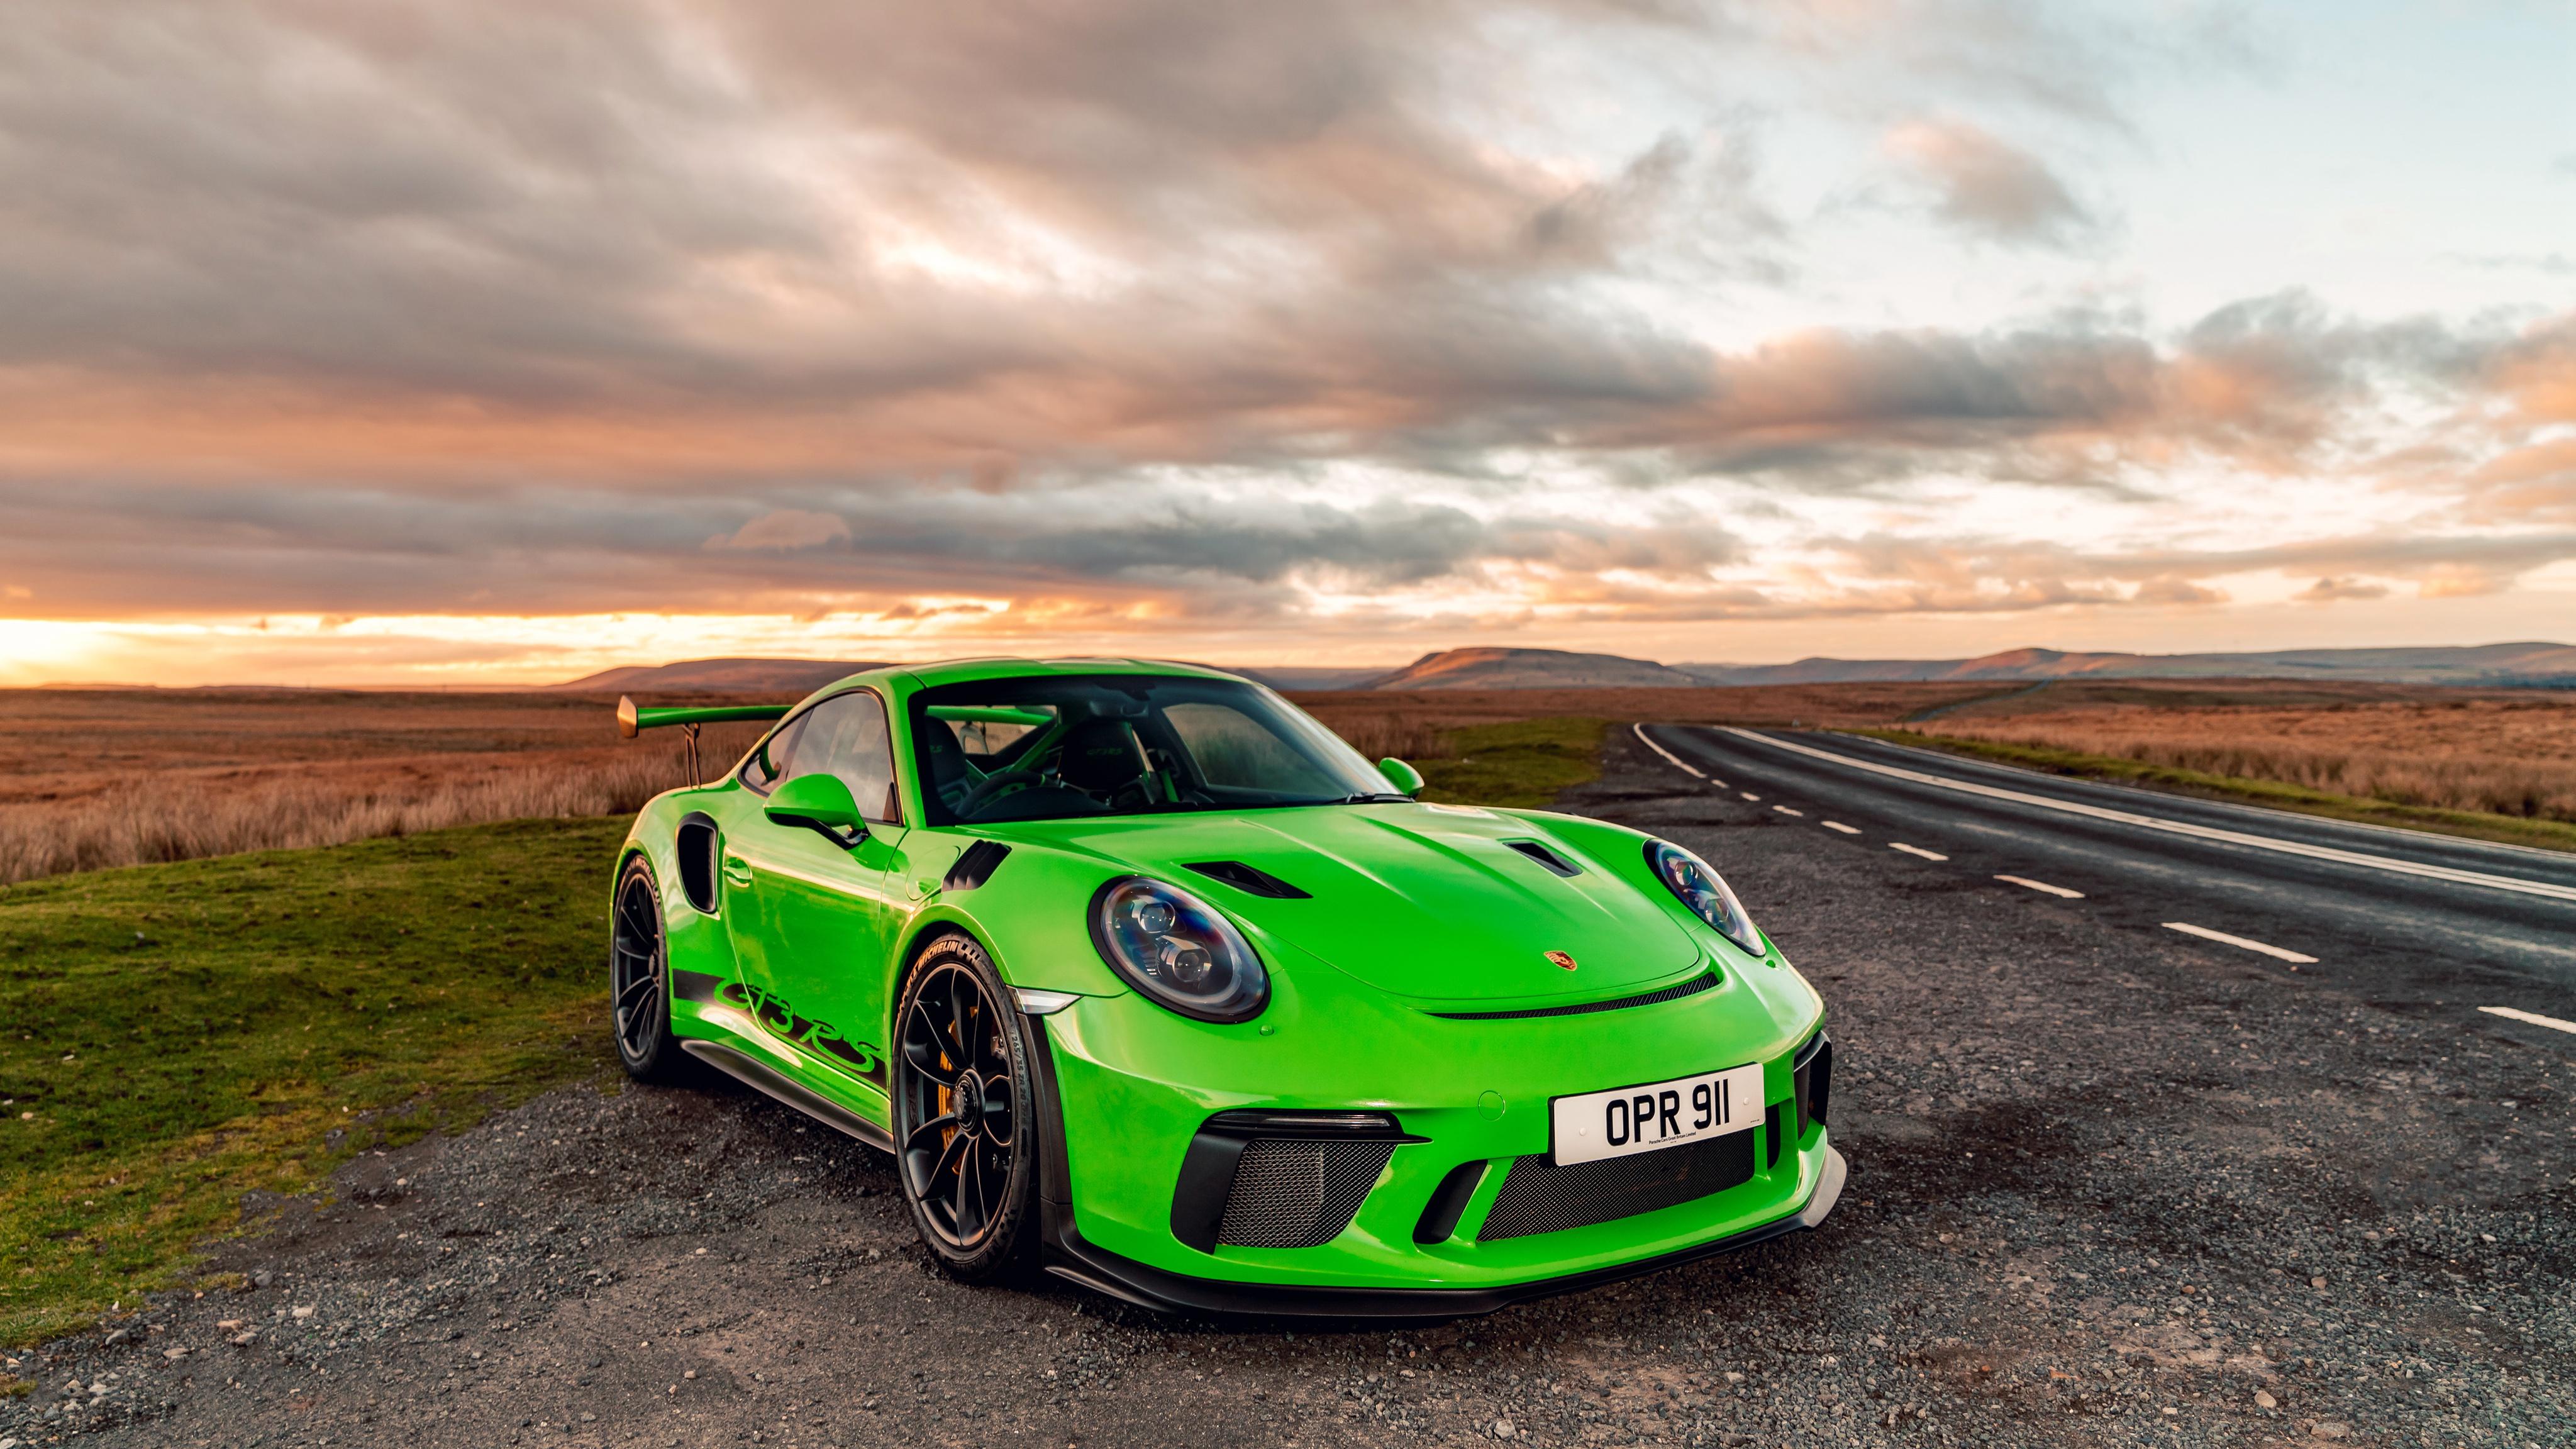 Desktop Wallpapers Porsche 911 2018 Gt3 Rs Yellow Green 4096x2304